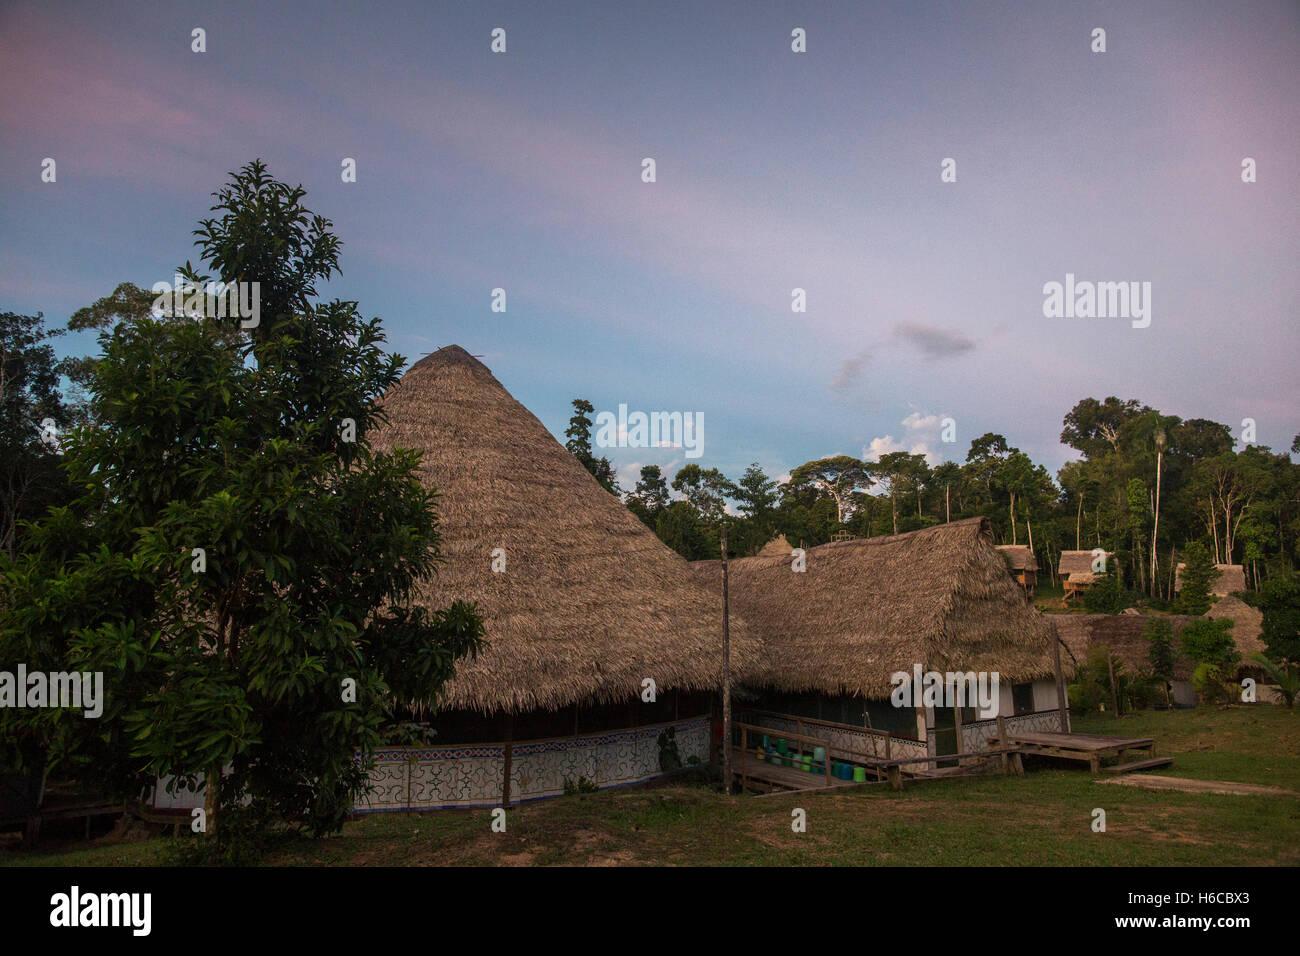 Un centre de guérison médecine ayahuasca maloca et dans la forêt amazonienne péruvienne dans Photo Stock